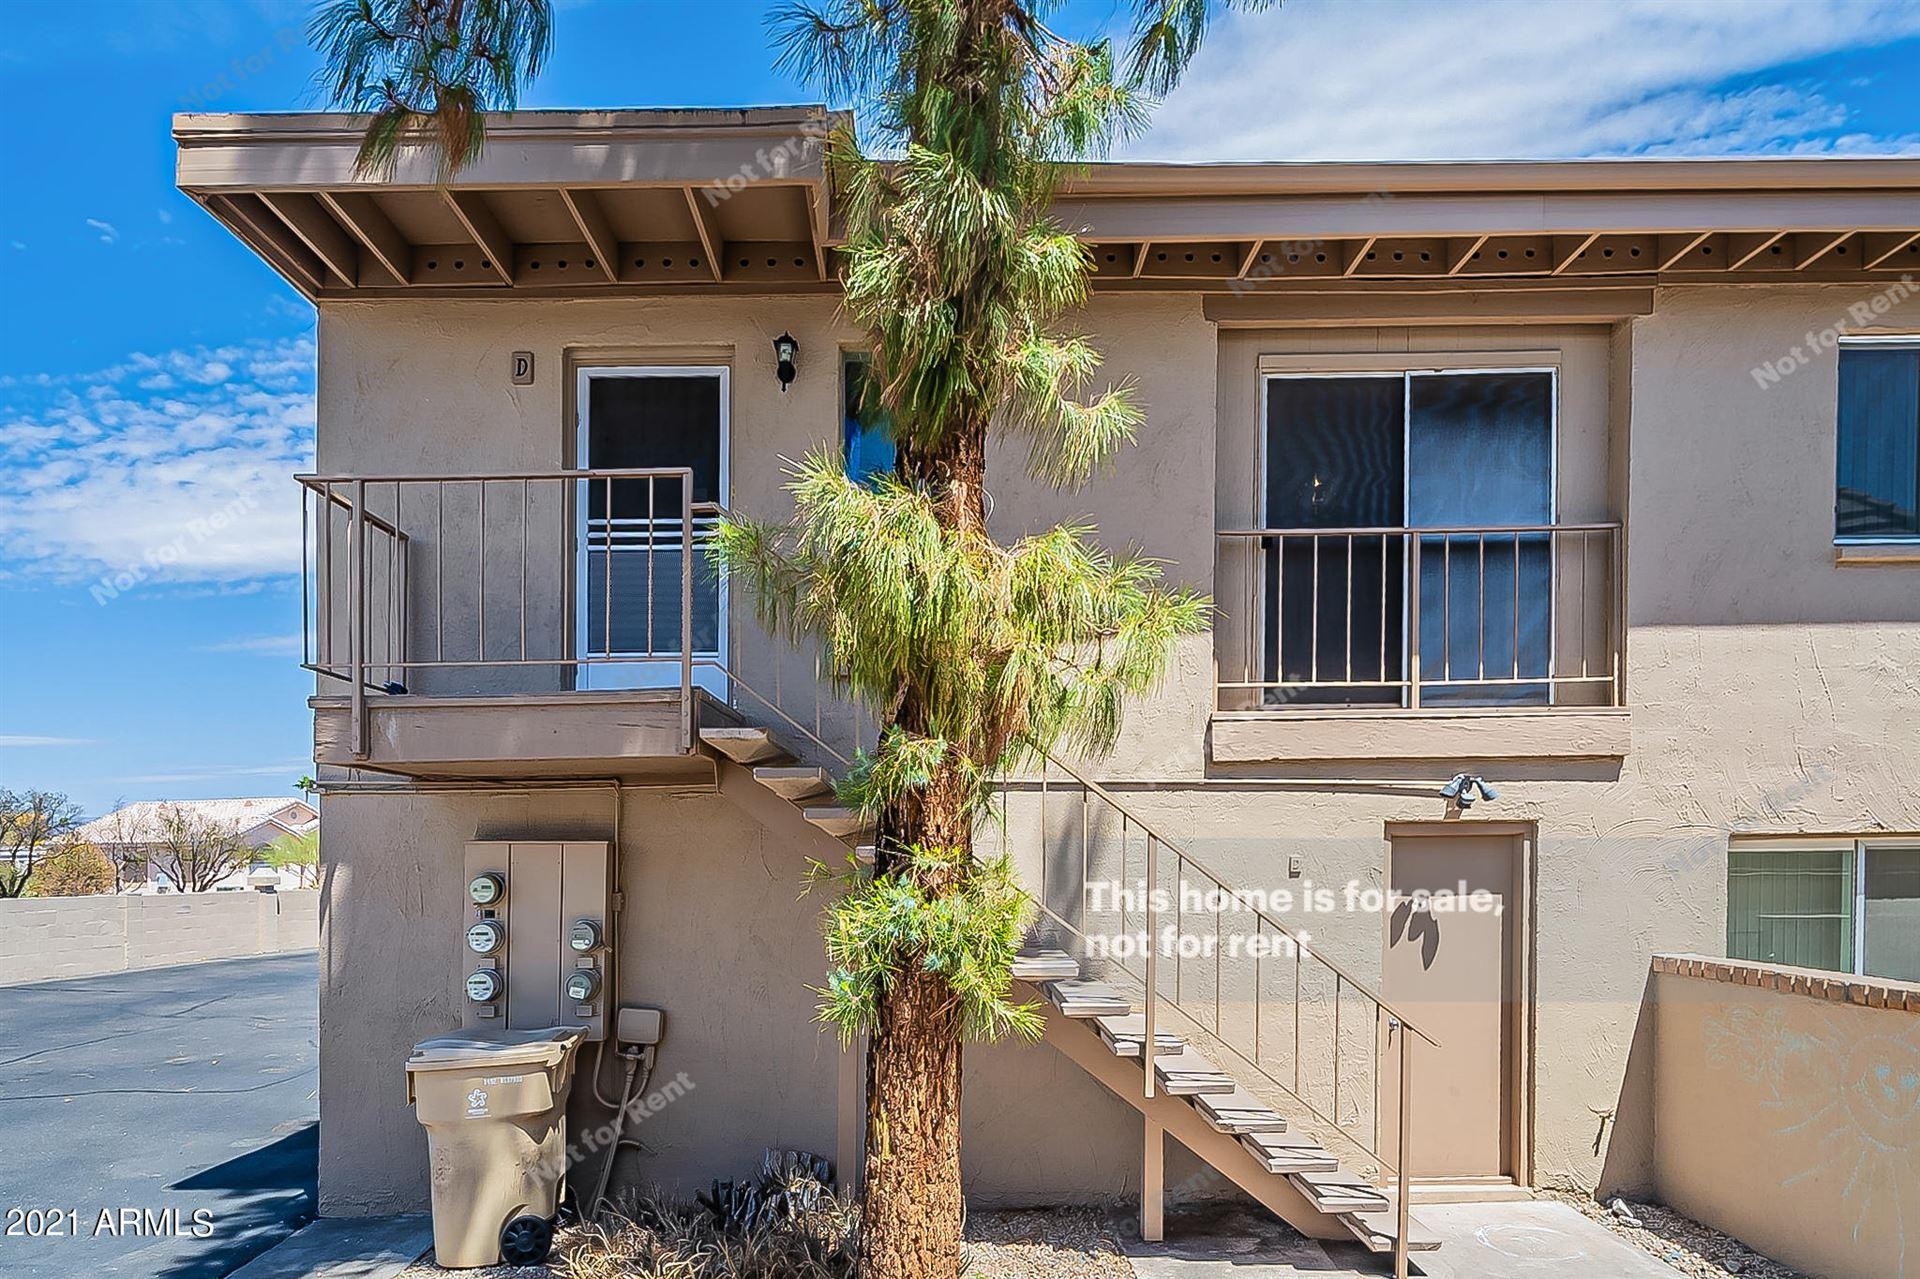 17020 E CALLE DEL ORO -- #D, Fountain Hills, AZ 85268 - MLS#: 6240528